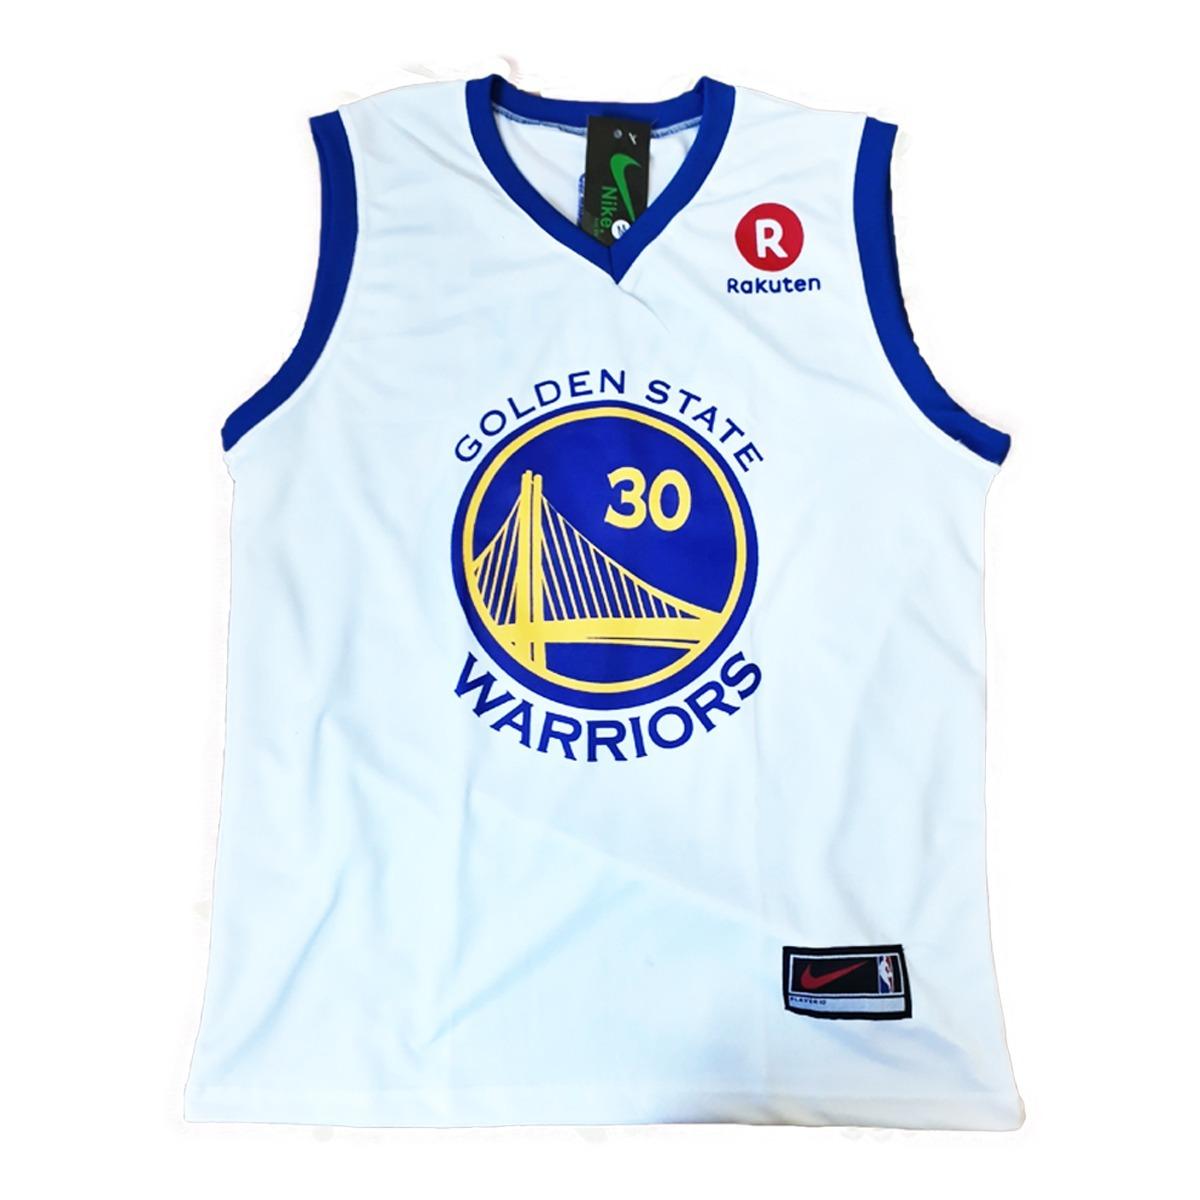 84d4122629883 Camisa Regata De Basquete Golden State Warriors Nba - R  38